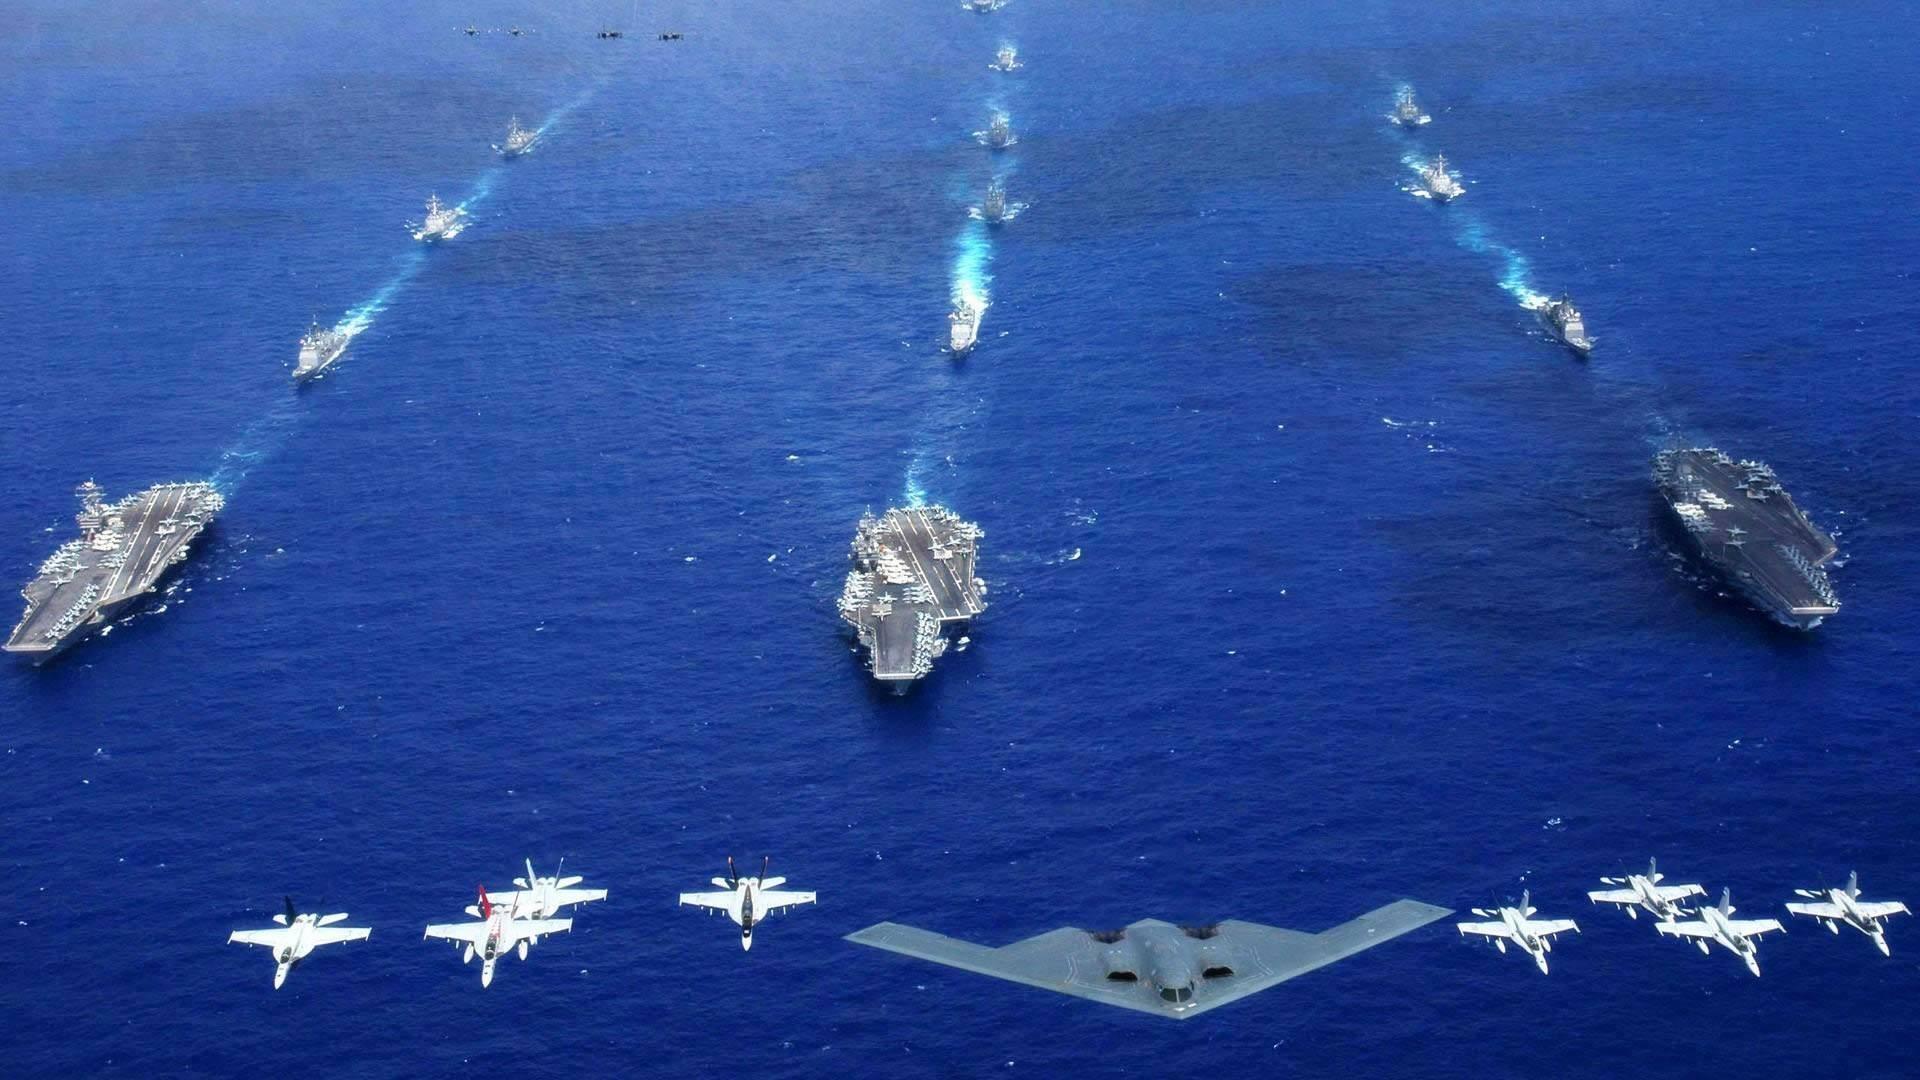 人类已经建造了80万吨的油轮,为什么不建造200000吨的航空母舰